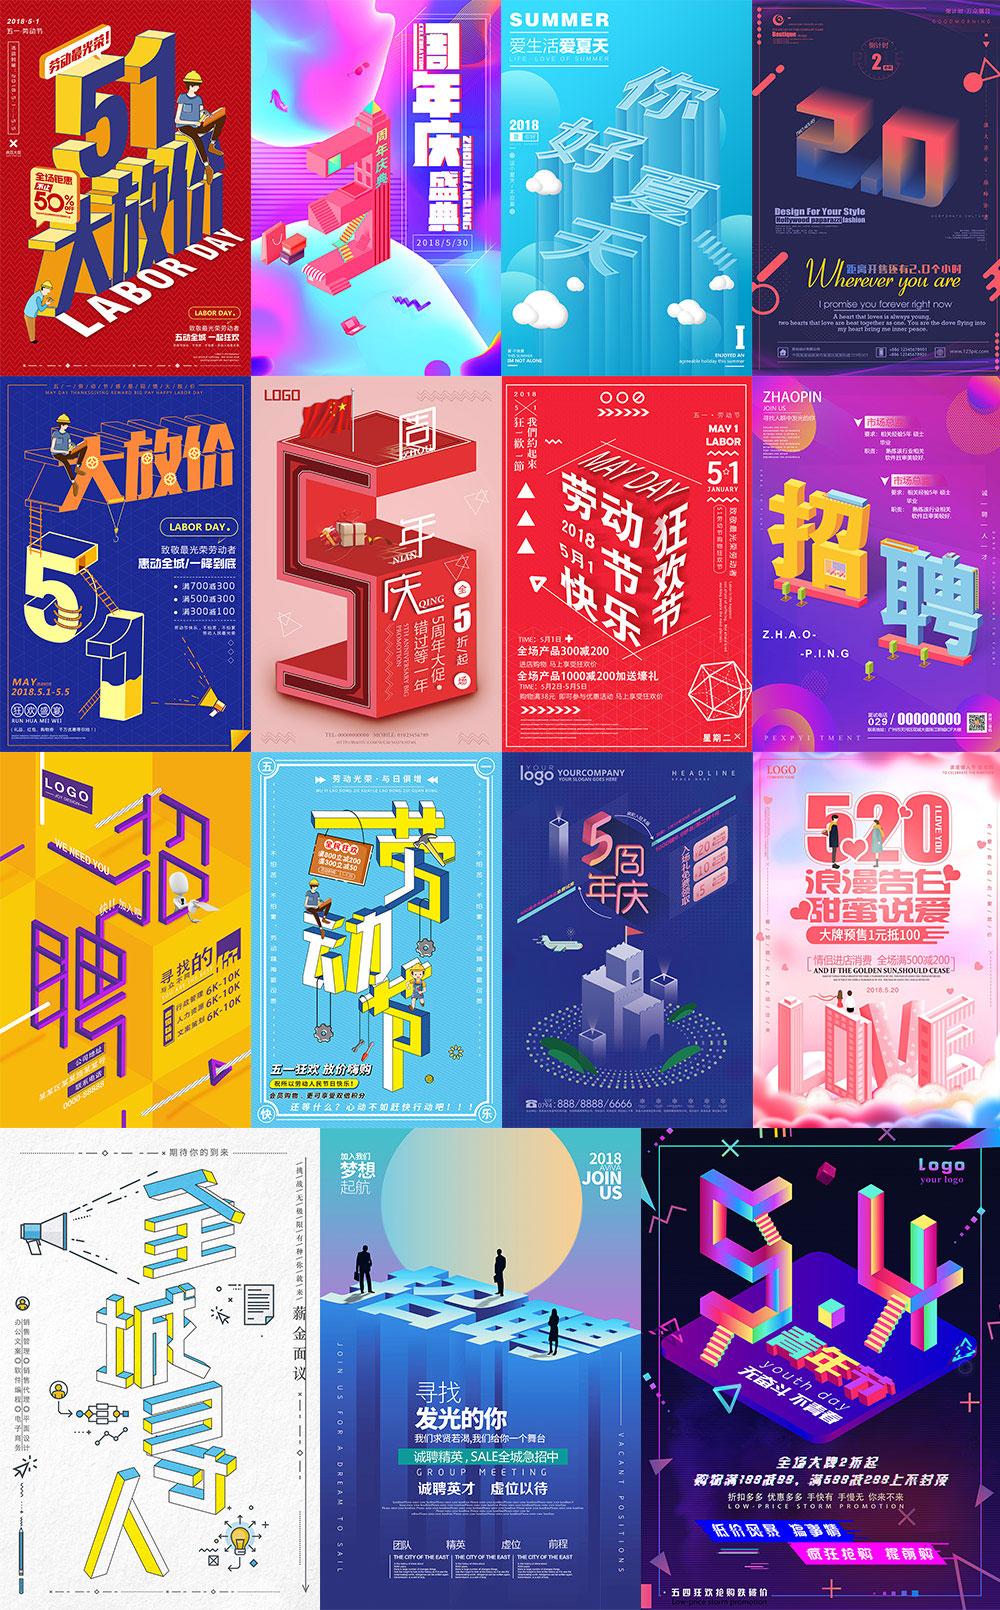 15张3D立体海报合集,PSD源文件